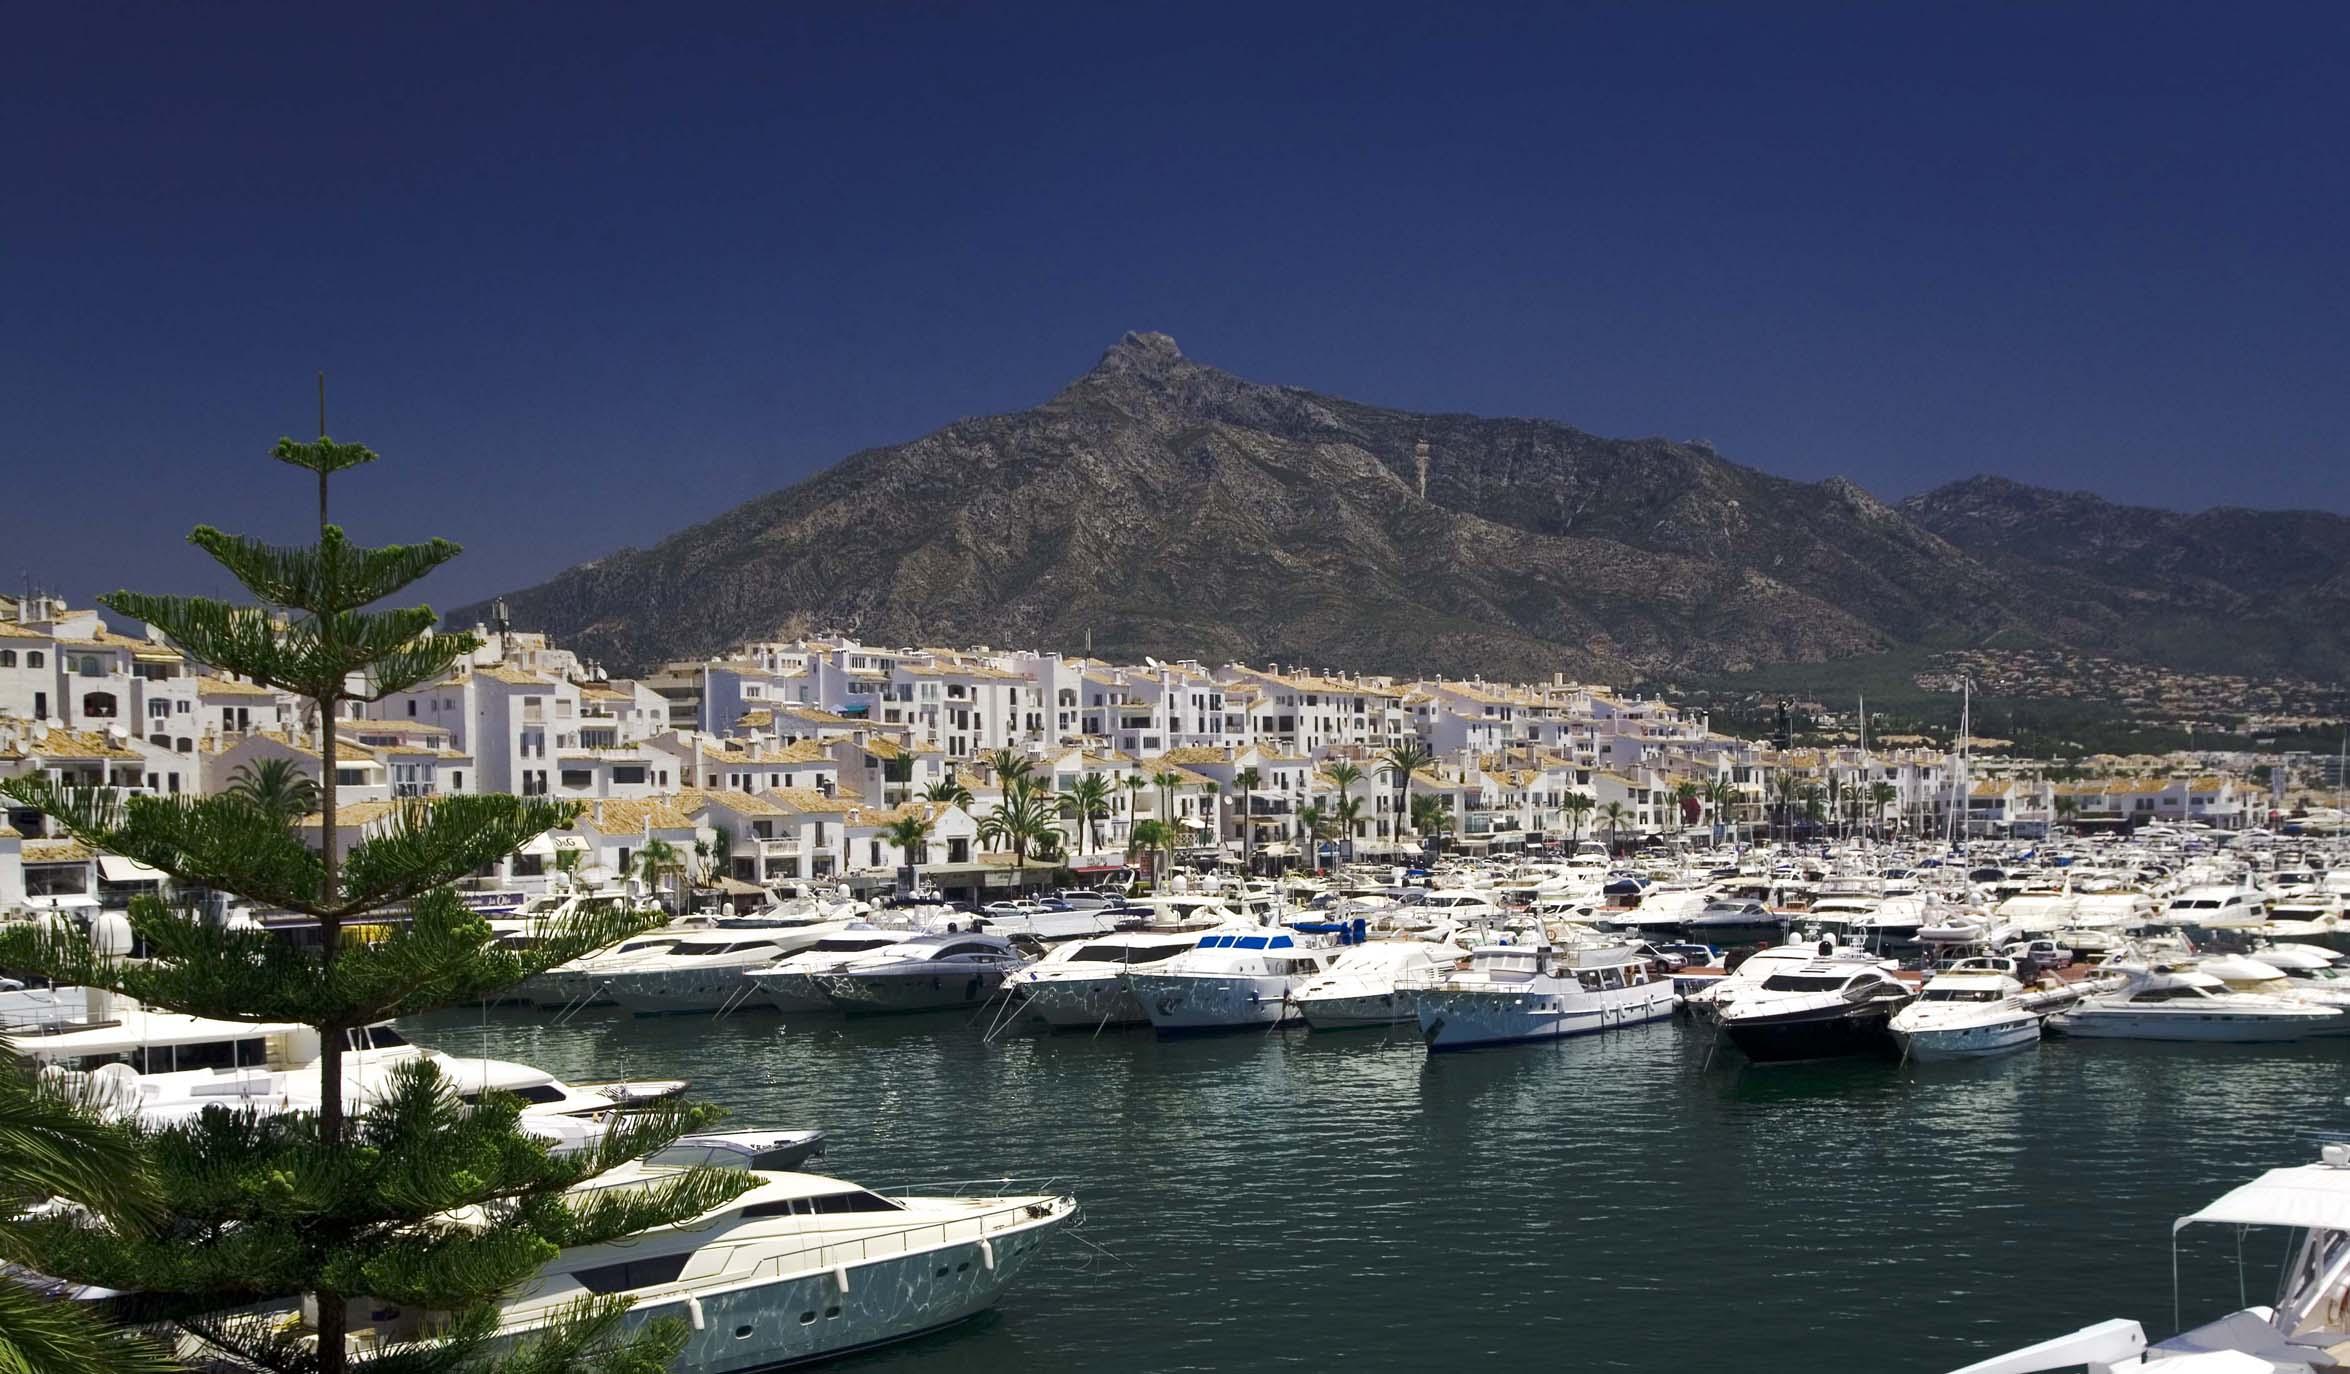 Vista de Puerto Banús, Marbella